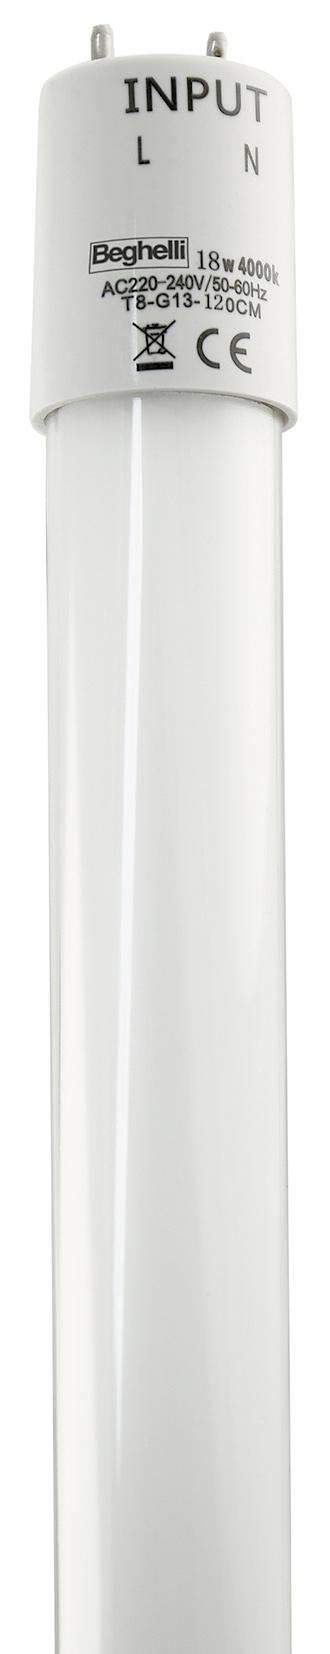 ETUBE LED T8 600MM 9W G13 840